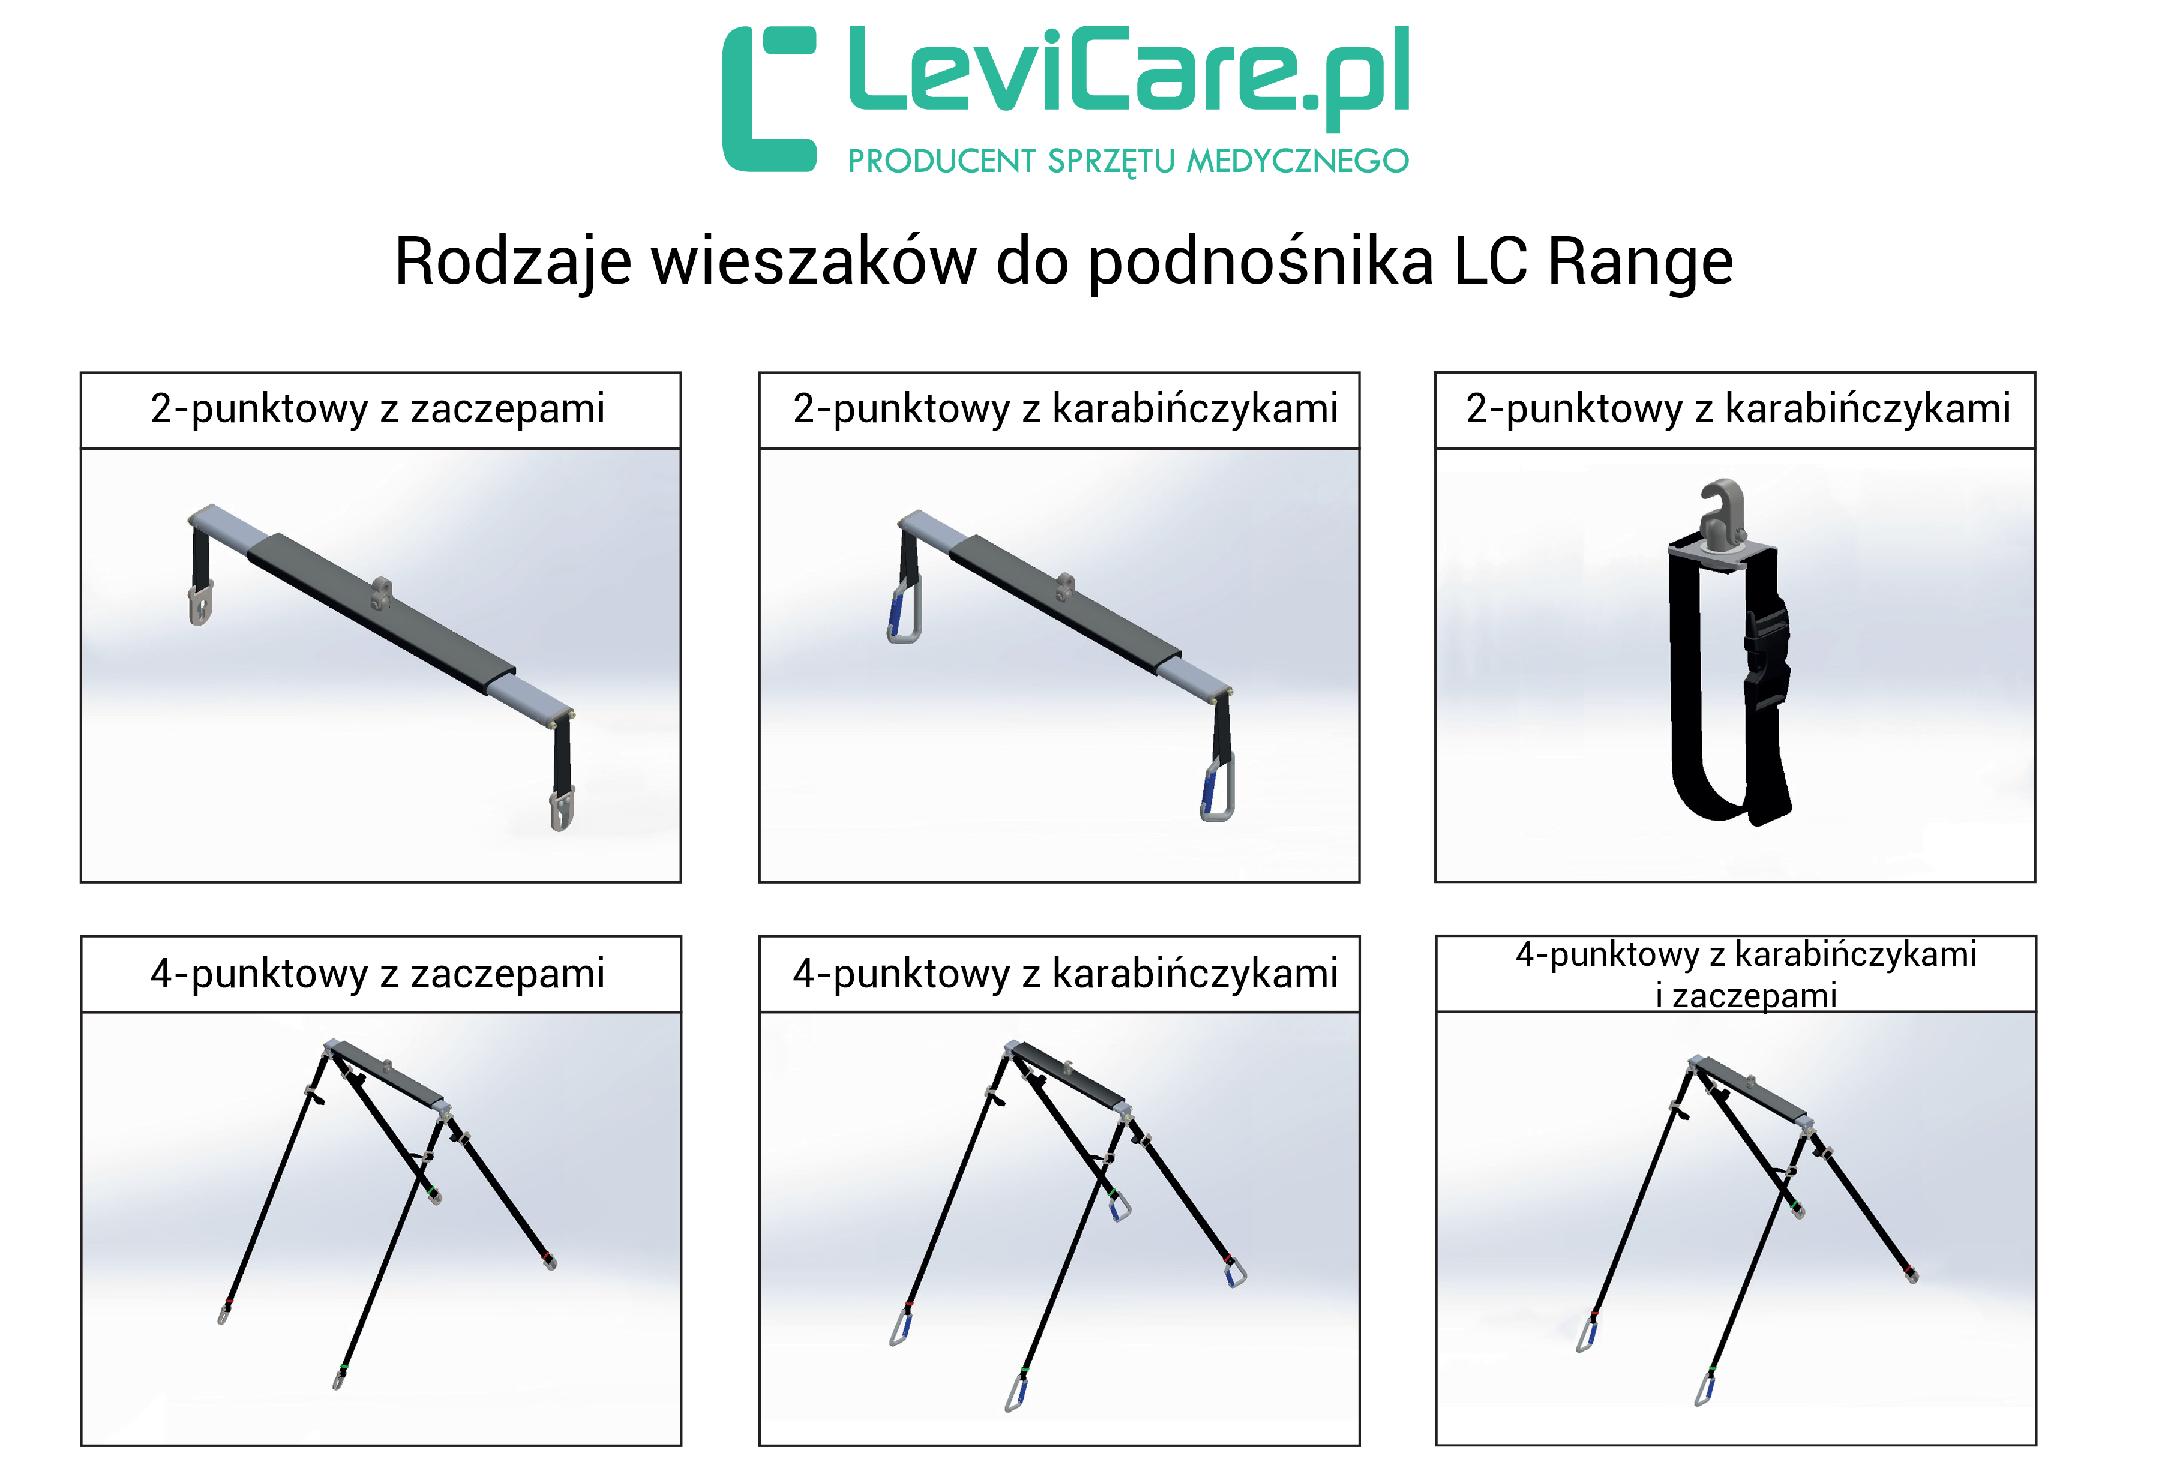 Podnośnik Smart Lifter LC LEVICARE. Rodzaje wieszaków do podnośnika. Masz problem z kupnem – zamów telefonicznie 735 575 252